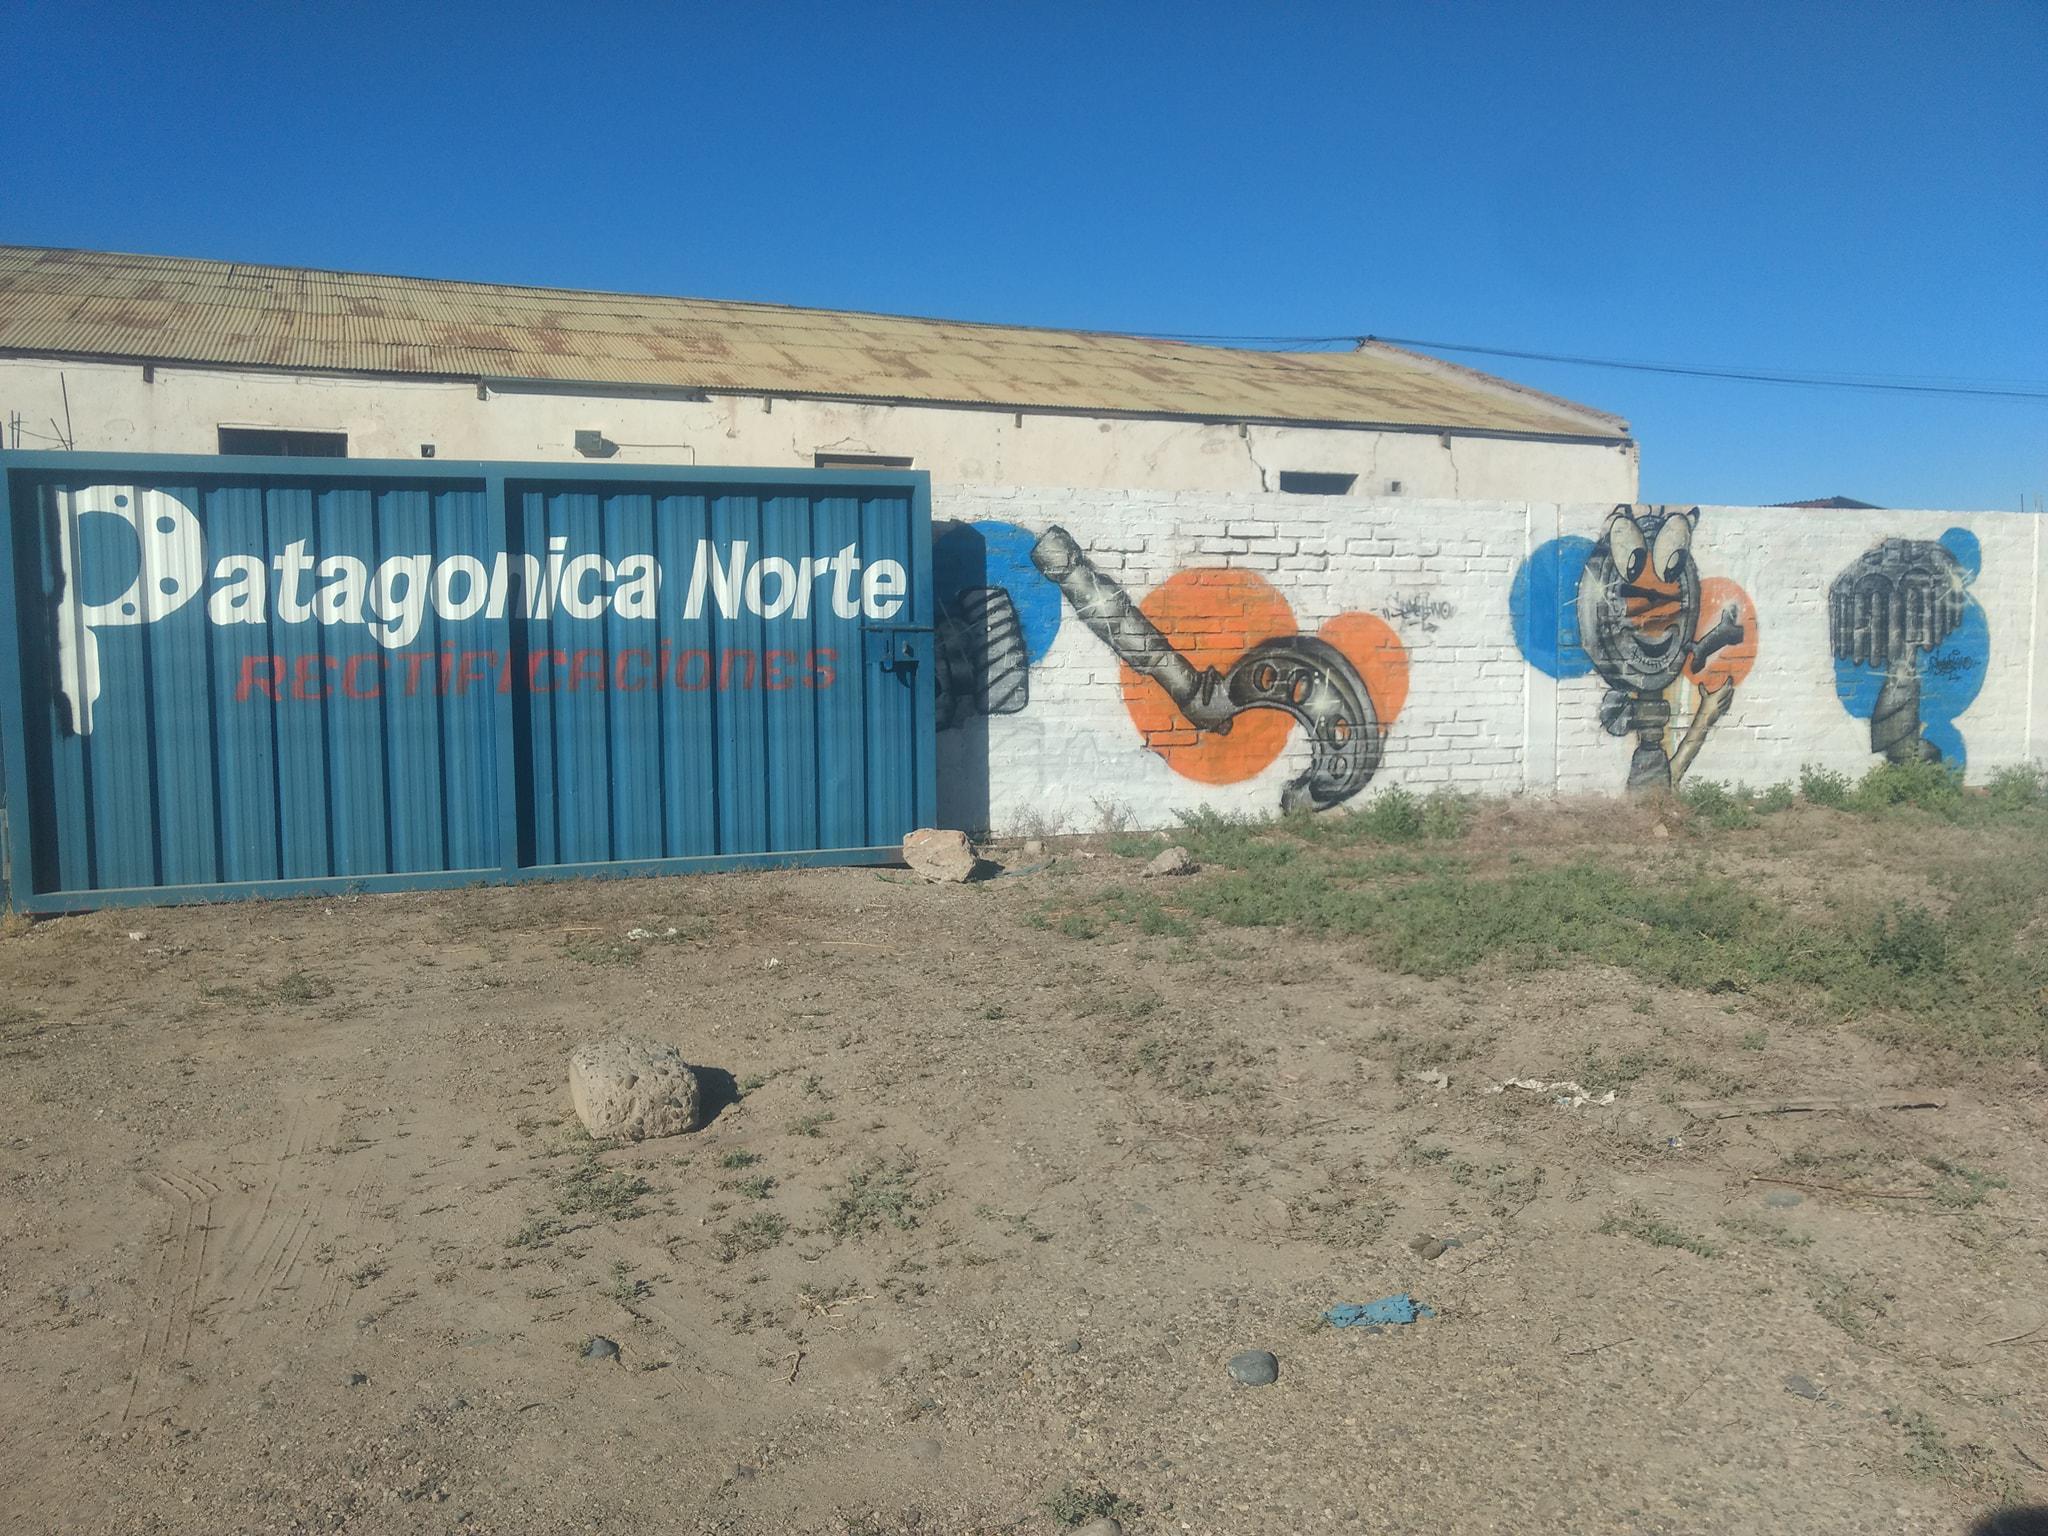 PATAGONICA NORTE RECTIFICACIONES